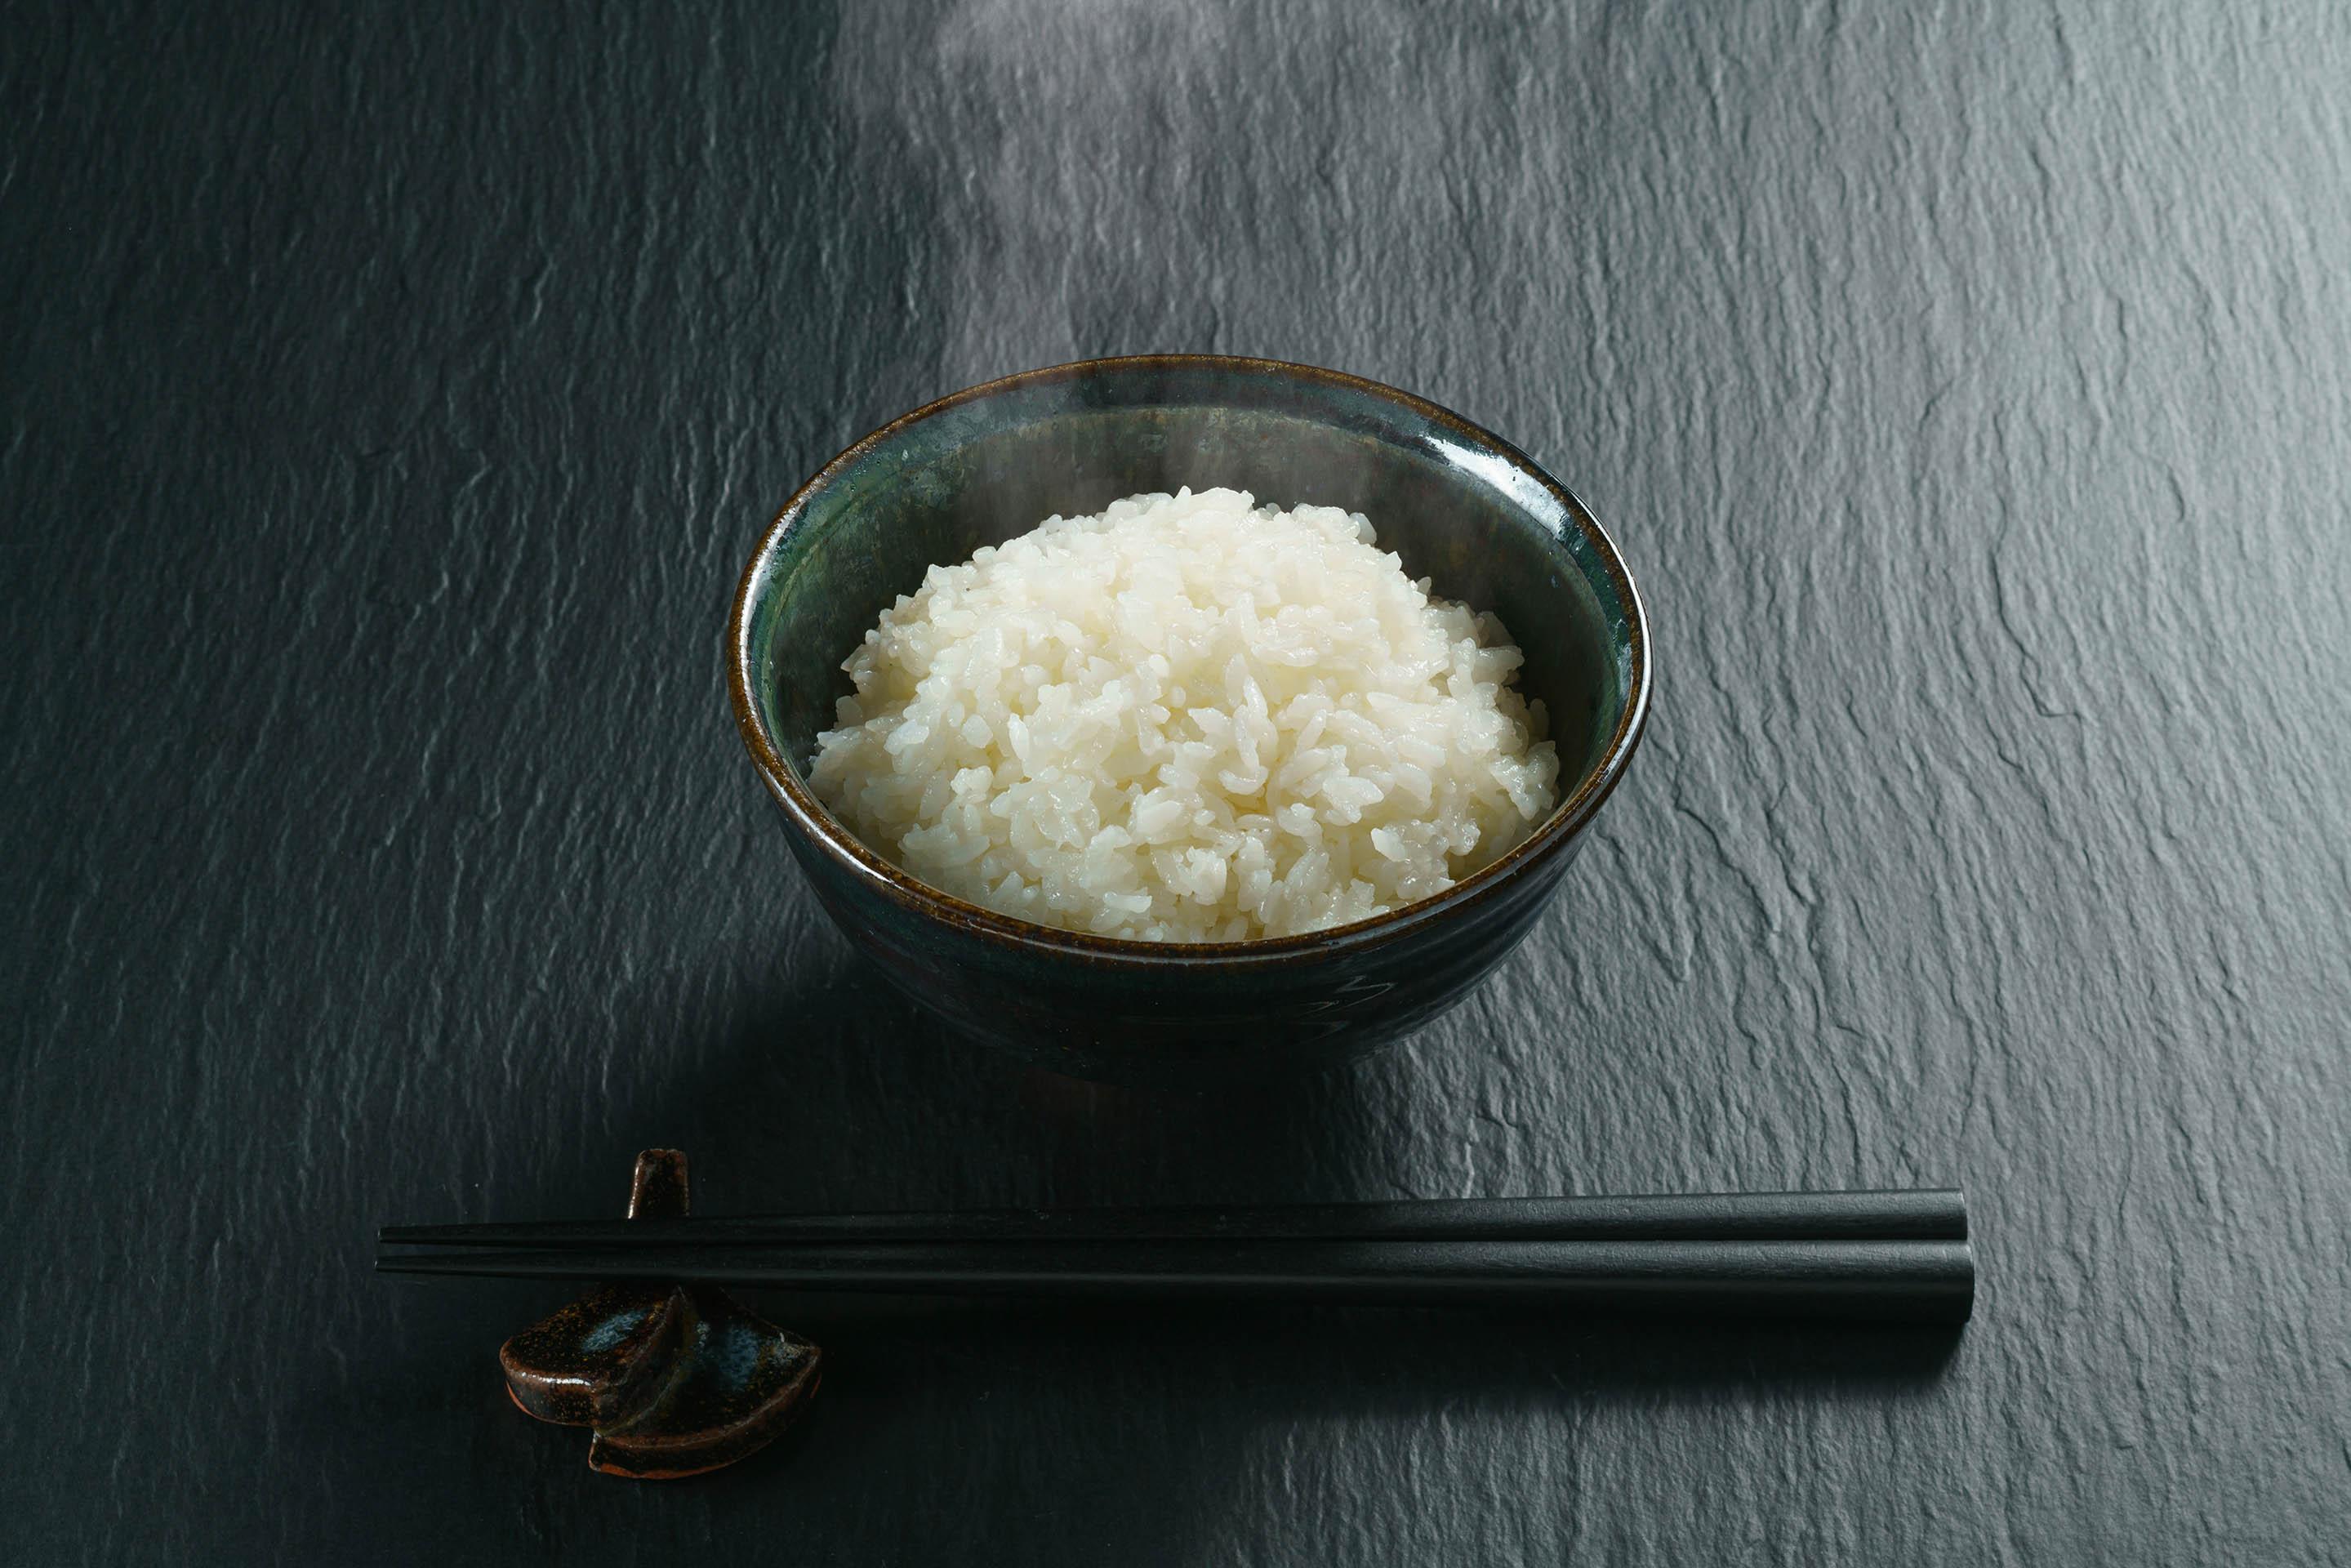 茶碗に入った湯川米